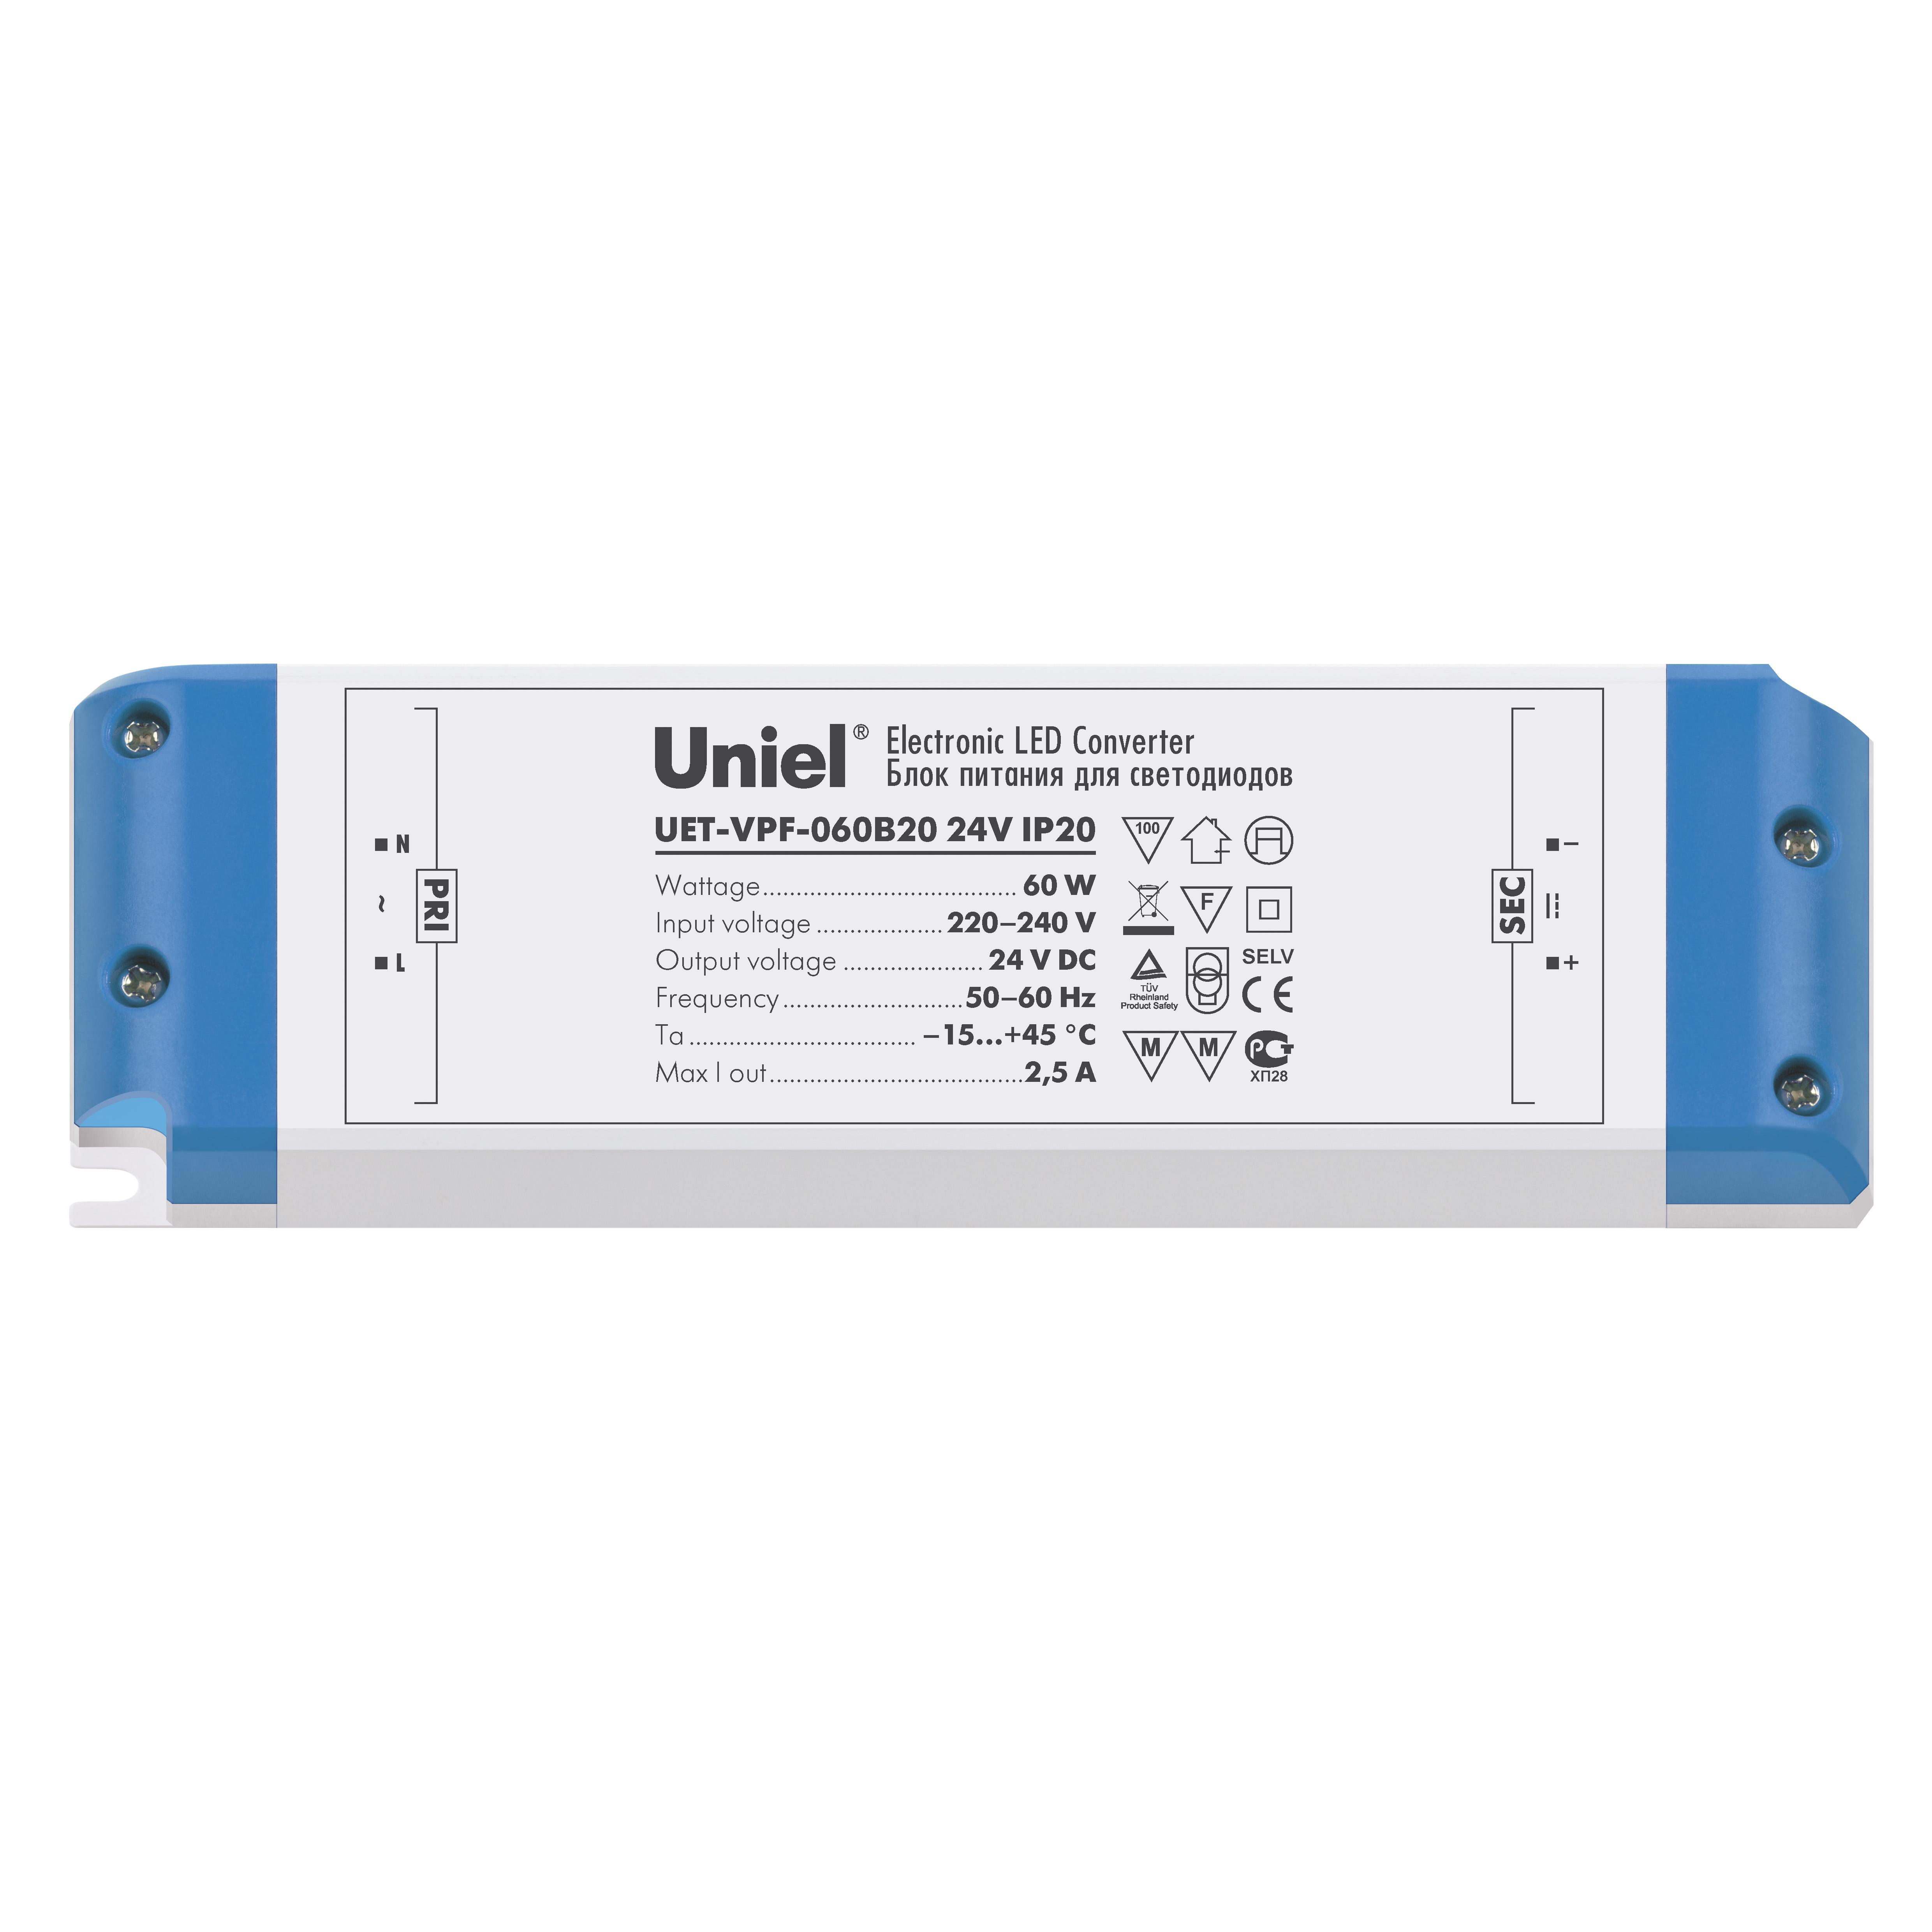 Блок питания UnielАксессуары для электромонтажа<br>Тип аксессуара: блок питания,<br>Степень защиты от пыли и влаги: IP 20,<br>Сила тока: 2500,<br>Максимальная подключаемая мощность: 60,<br>Напряжение: 24<br>